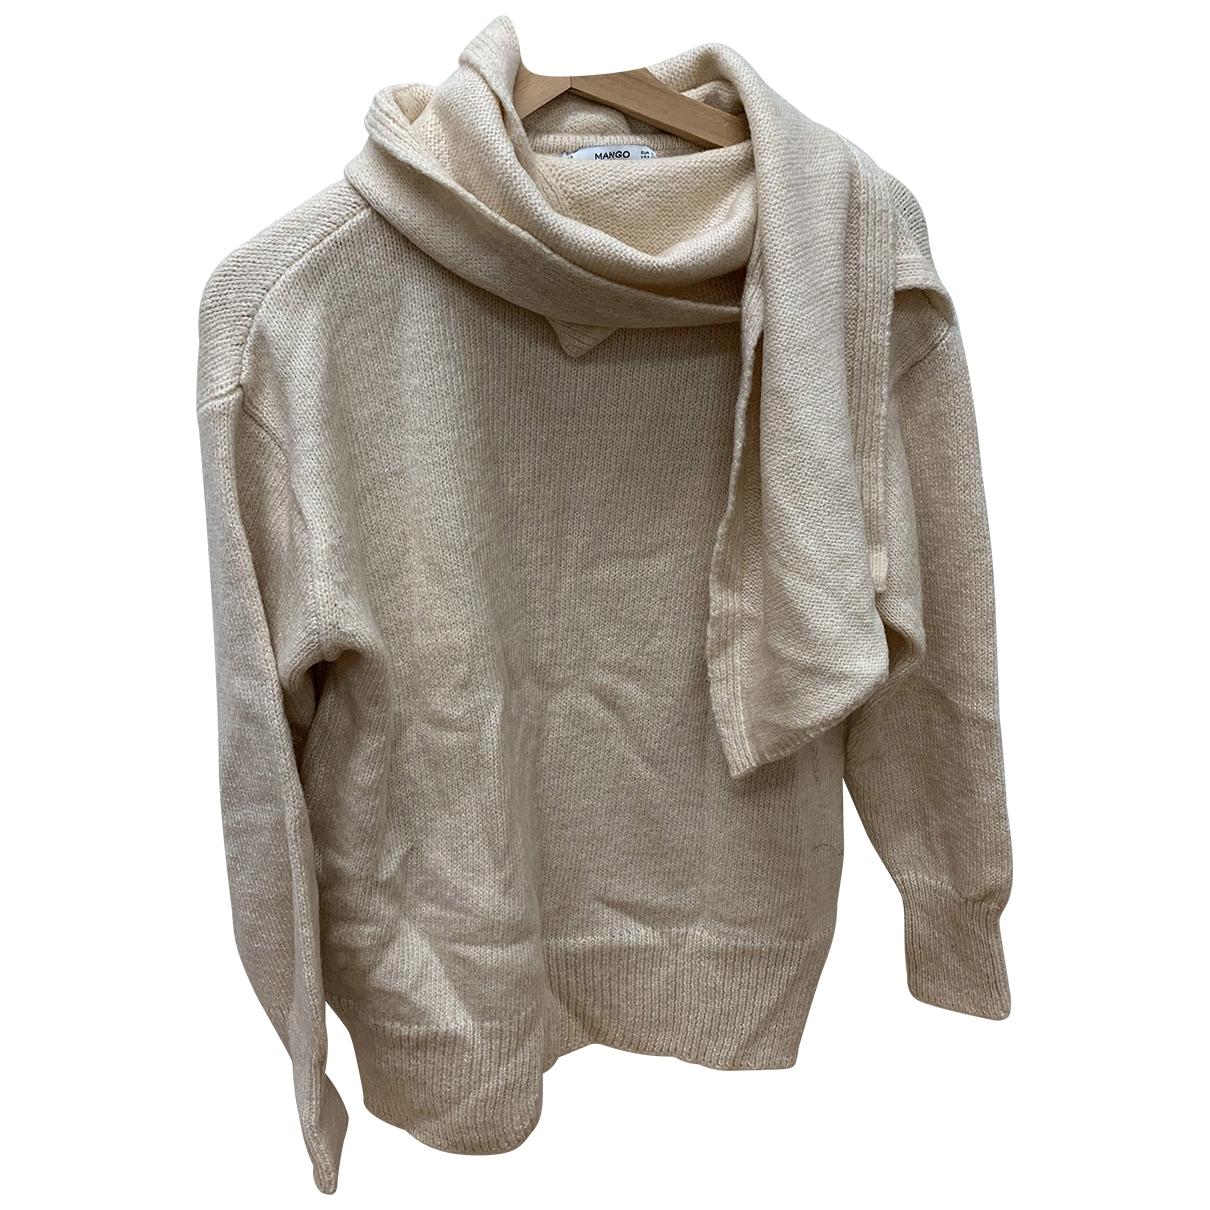 Mango \N Beige Knitwear for Women S International